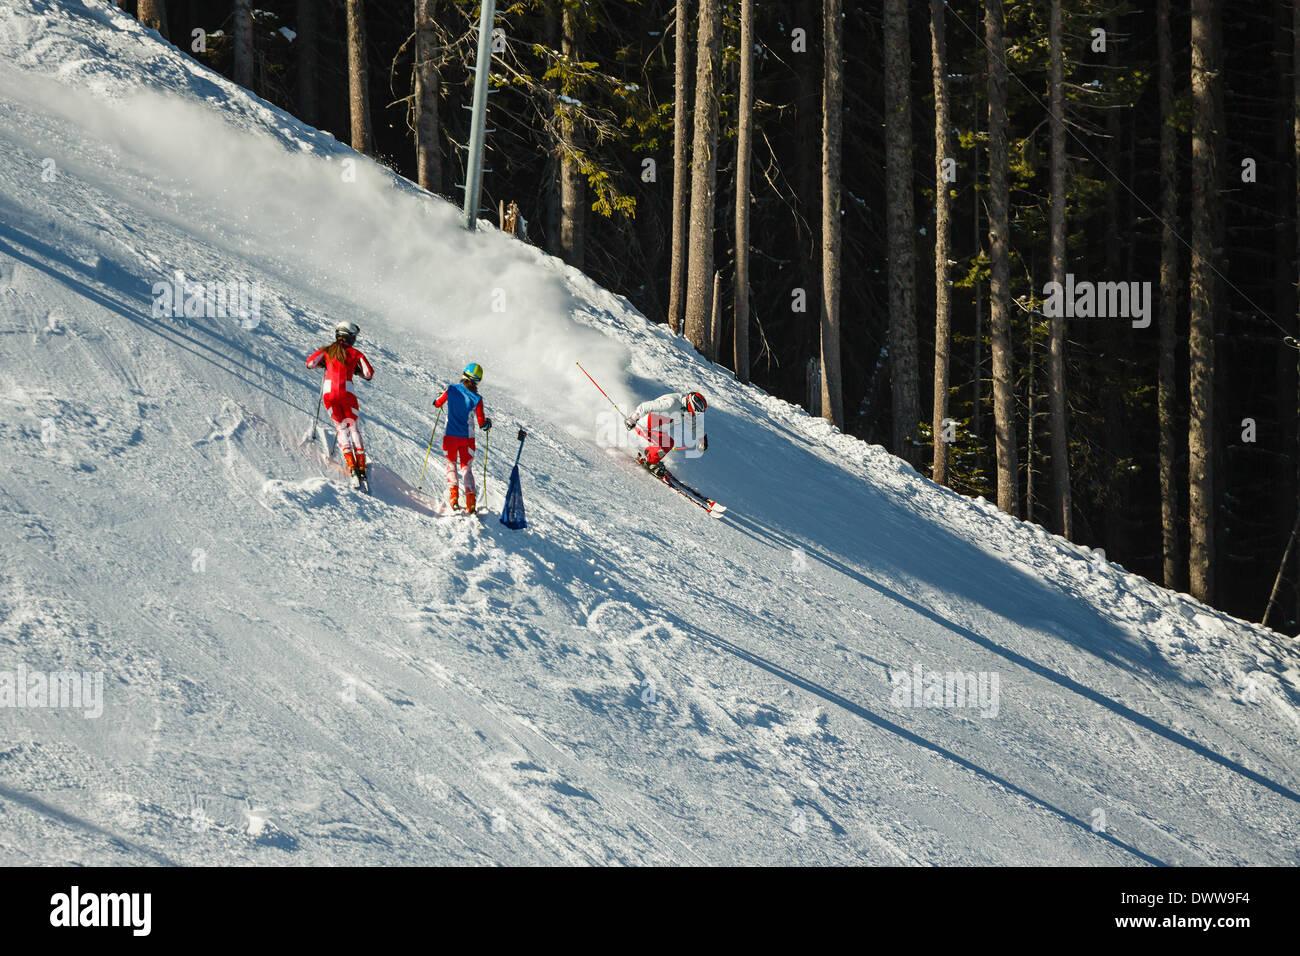 Downhill skiers on piste of Todorka mountain, Bansko, Bulgaia - Stock Image